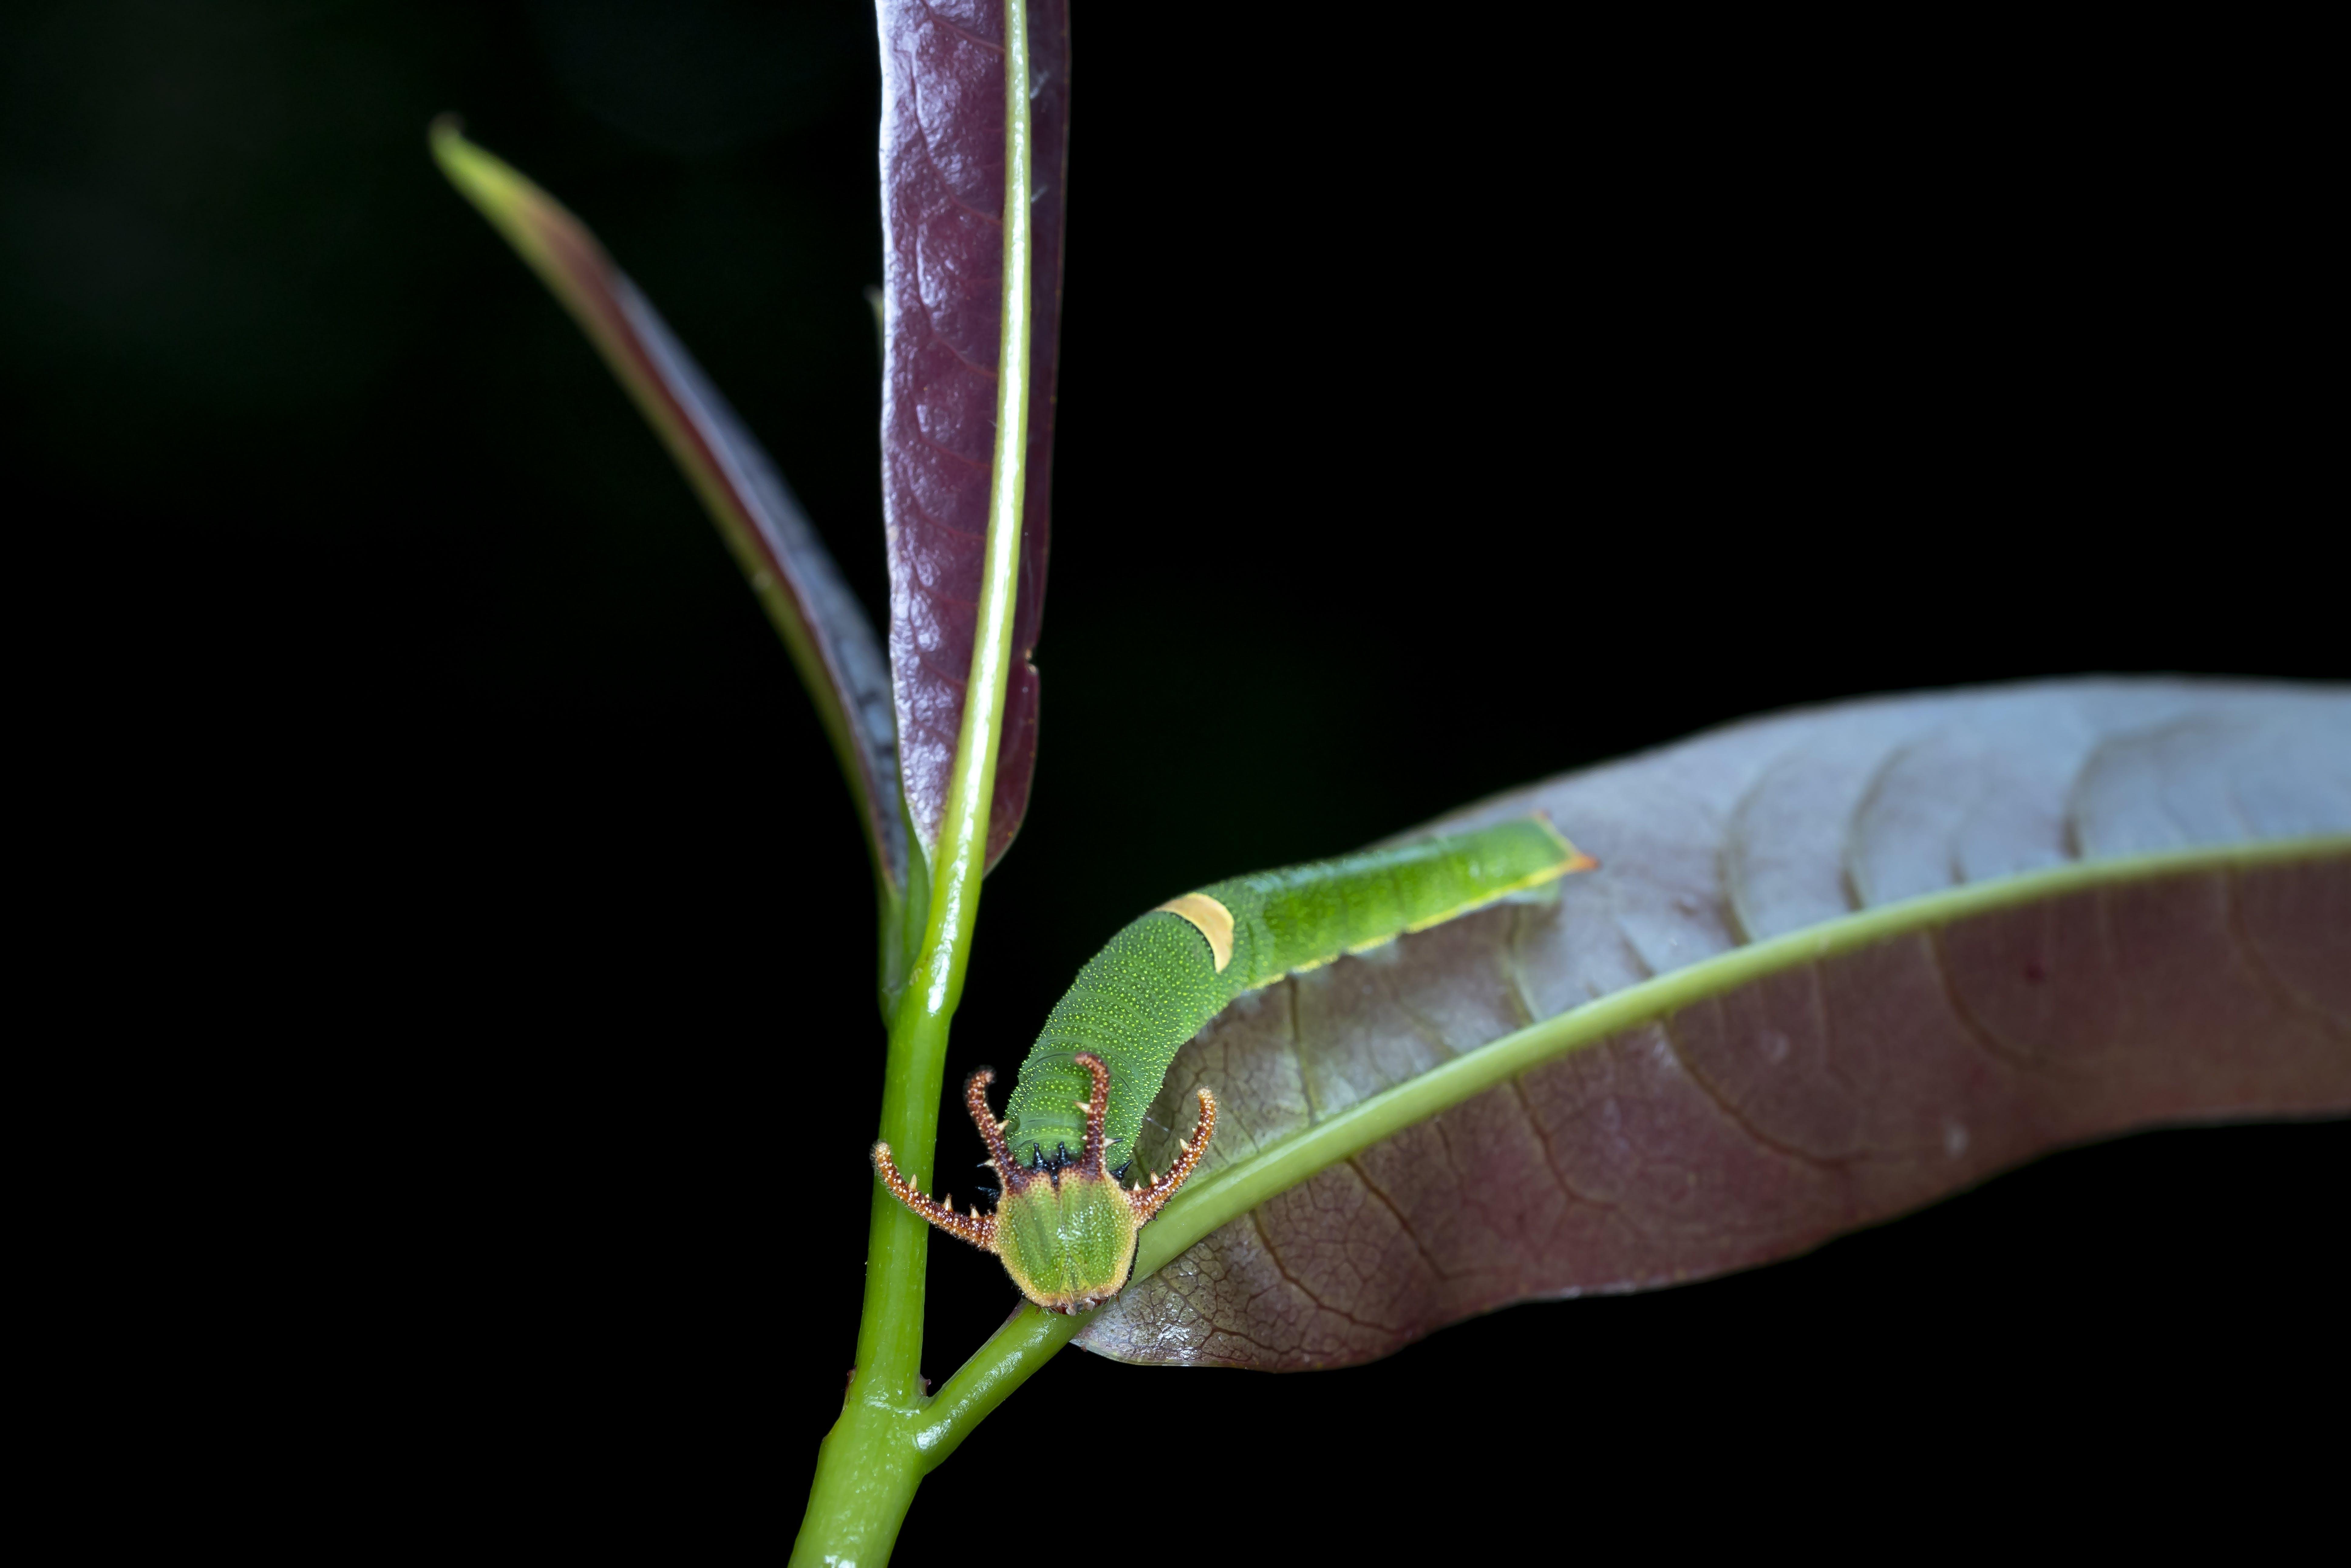 害蟲, 小蟲, 幼蟲, 微距攝影 的 免费素材照片